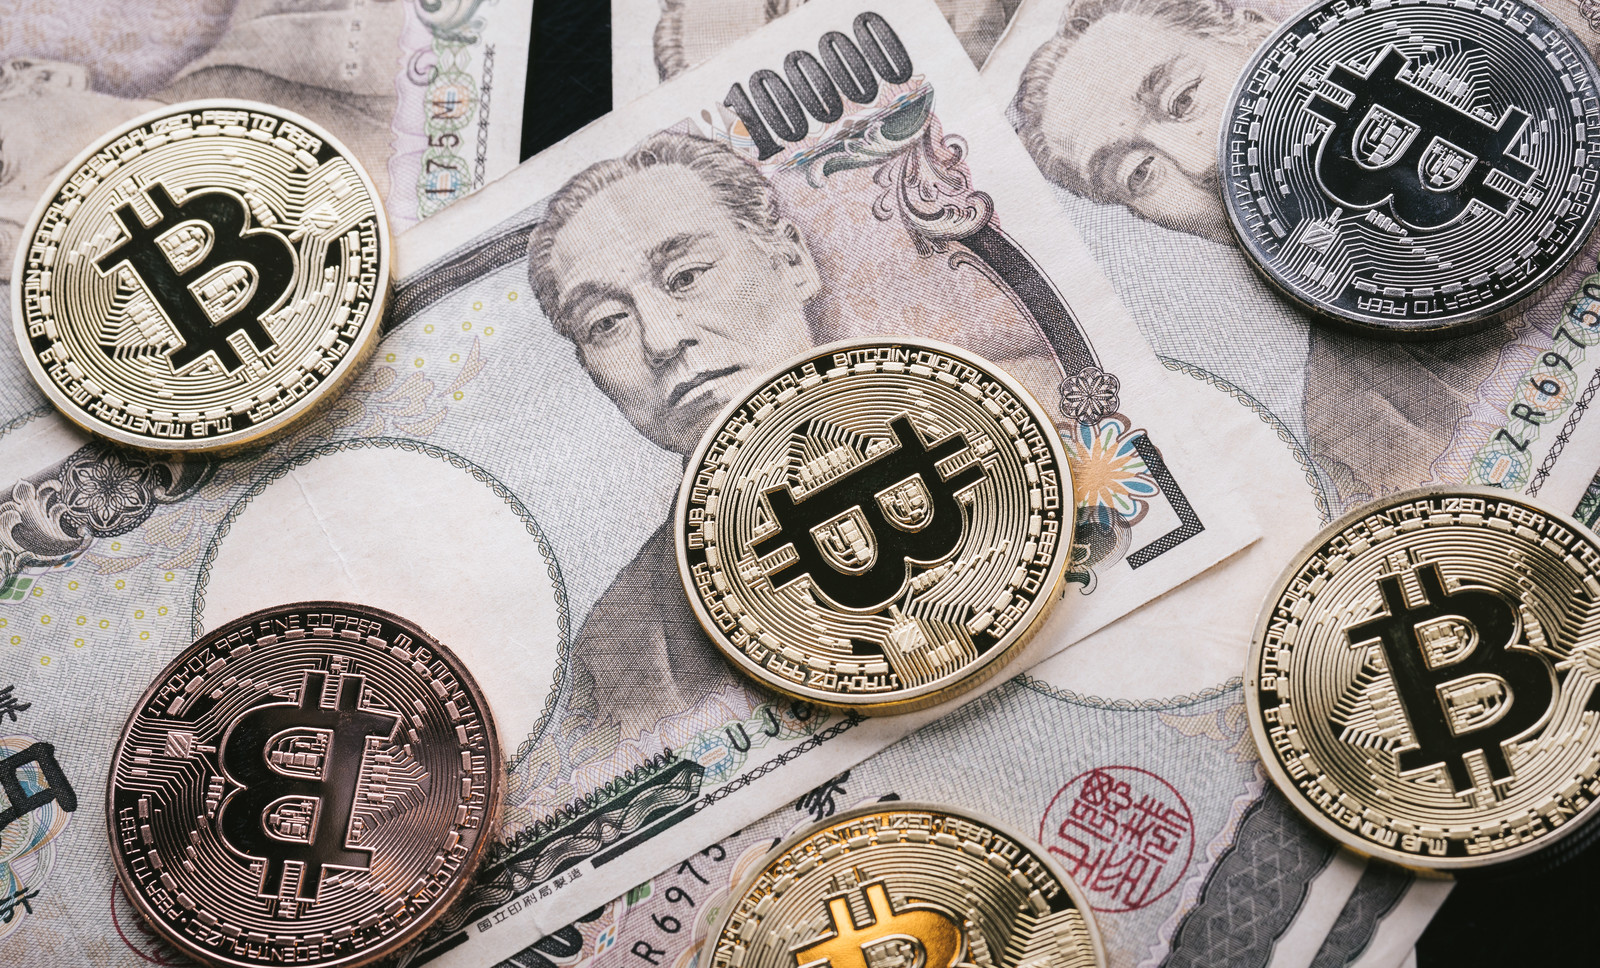 「ビットコイン(Bitcoin)の普及により中央銀行が不要となる未来」の写真